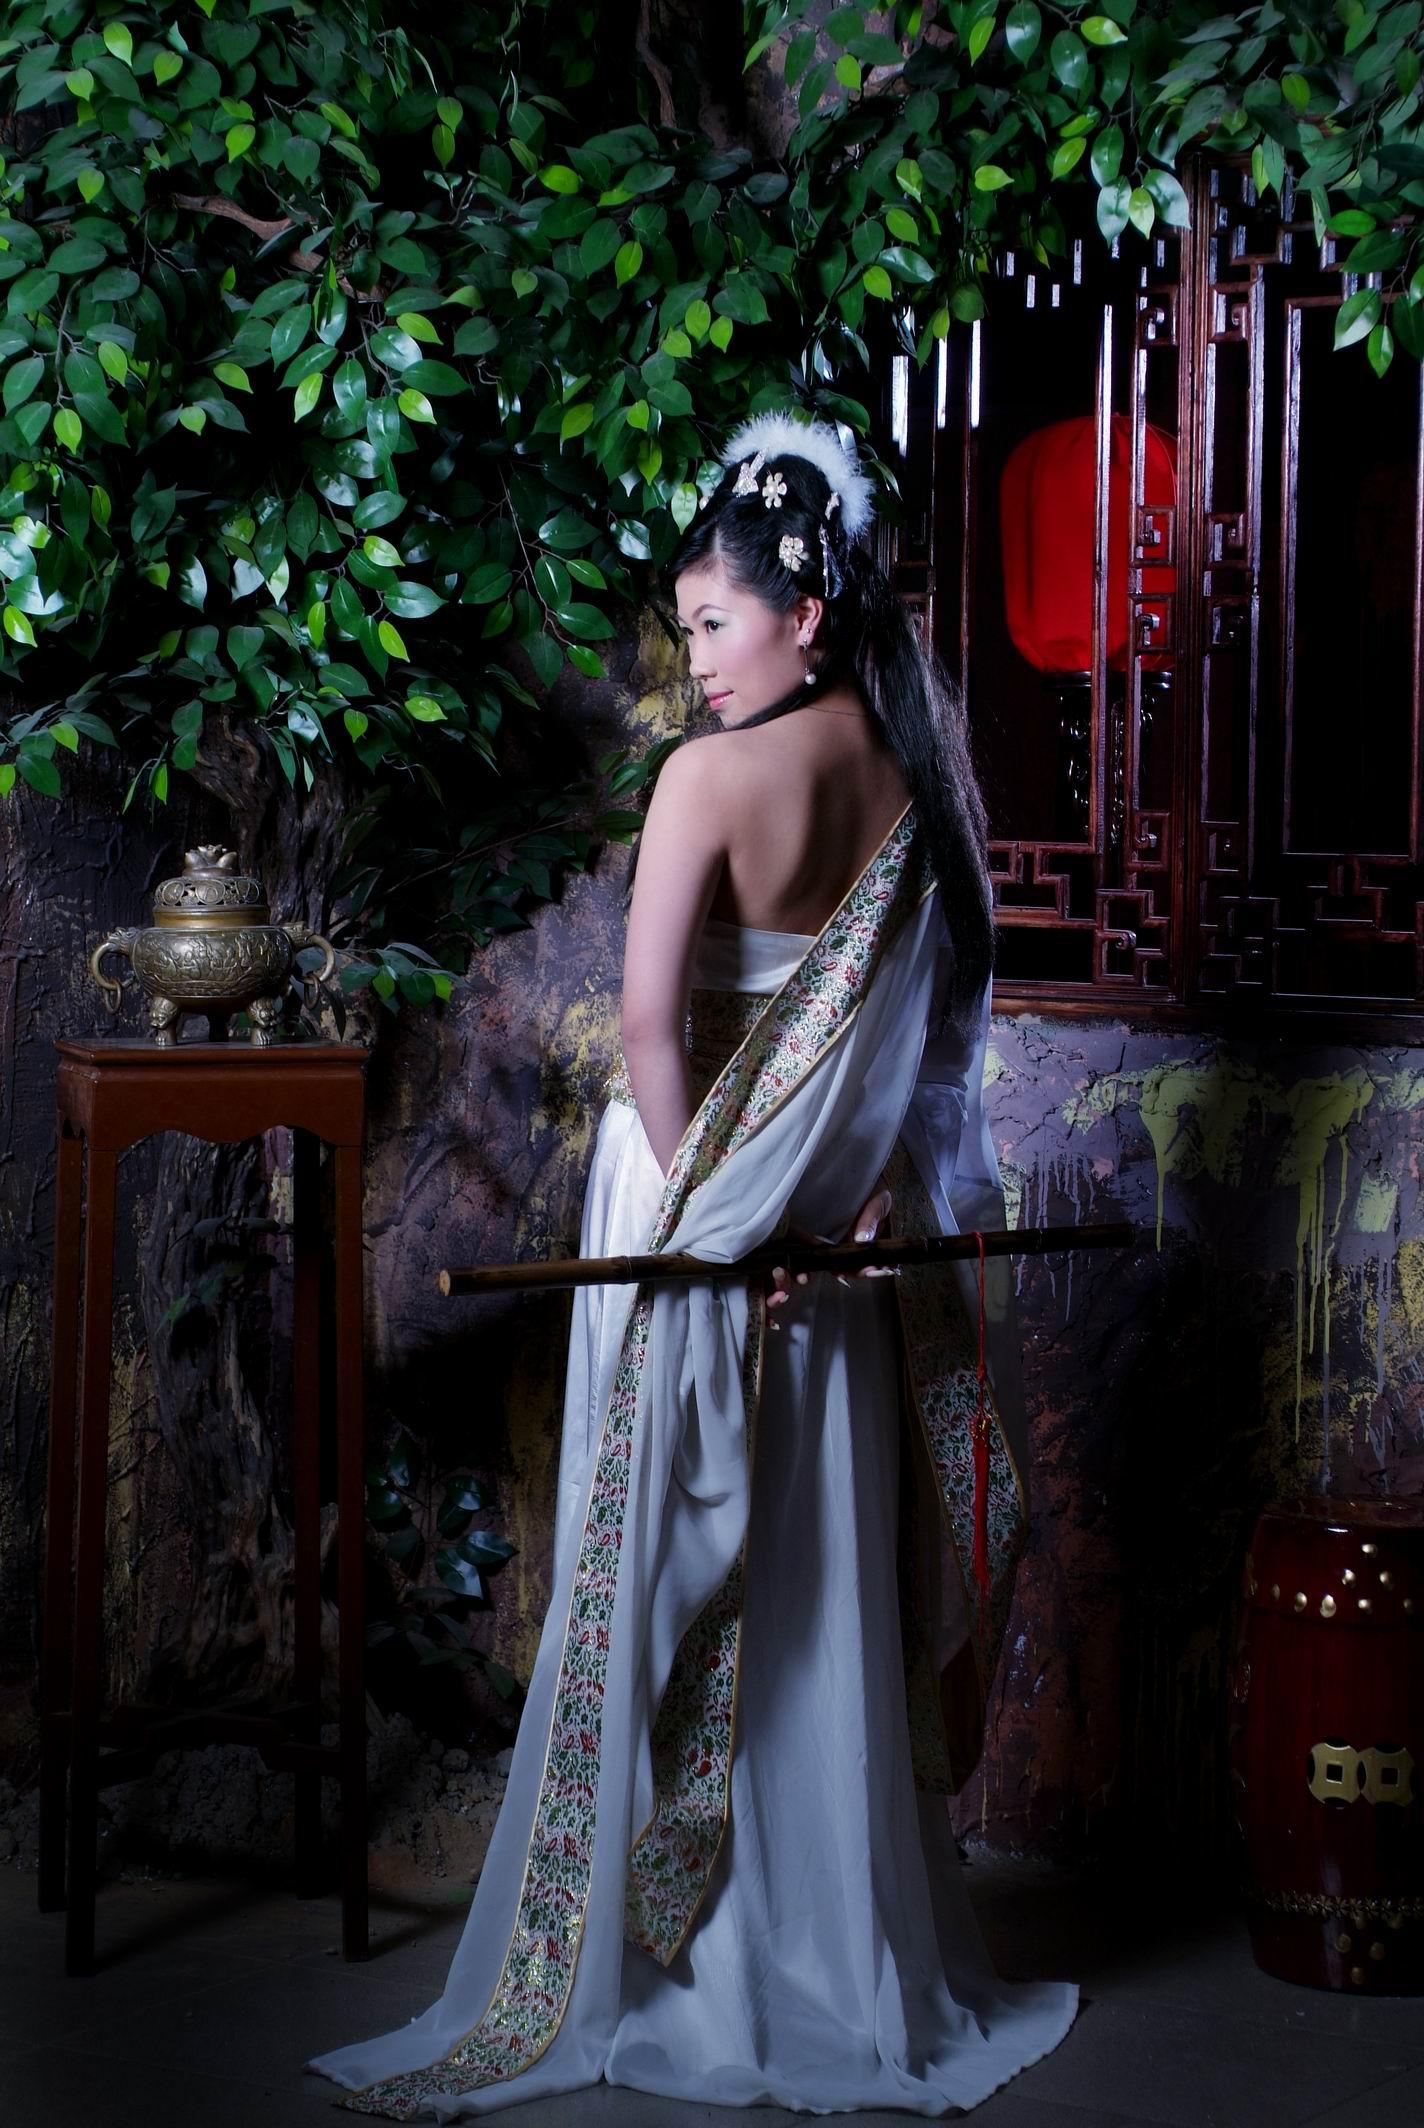 【明朝宫廷】――古代美女写真集 竖